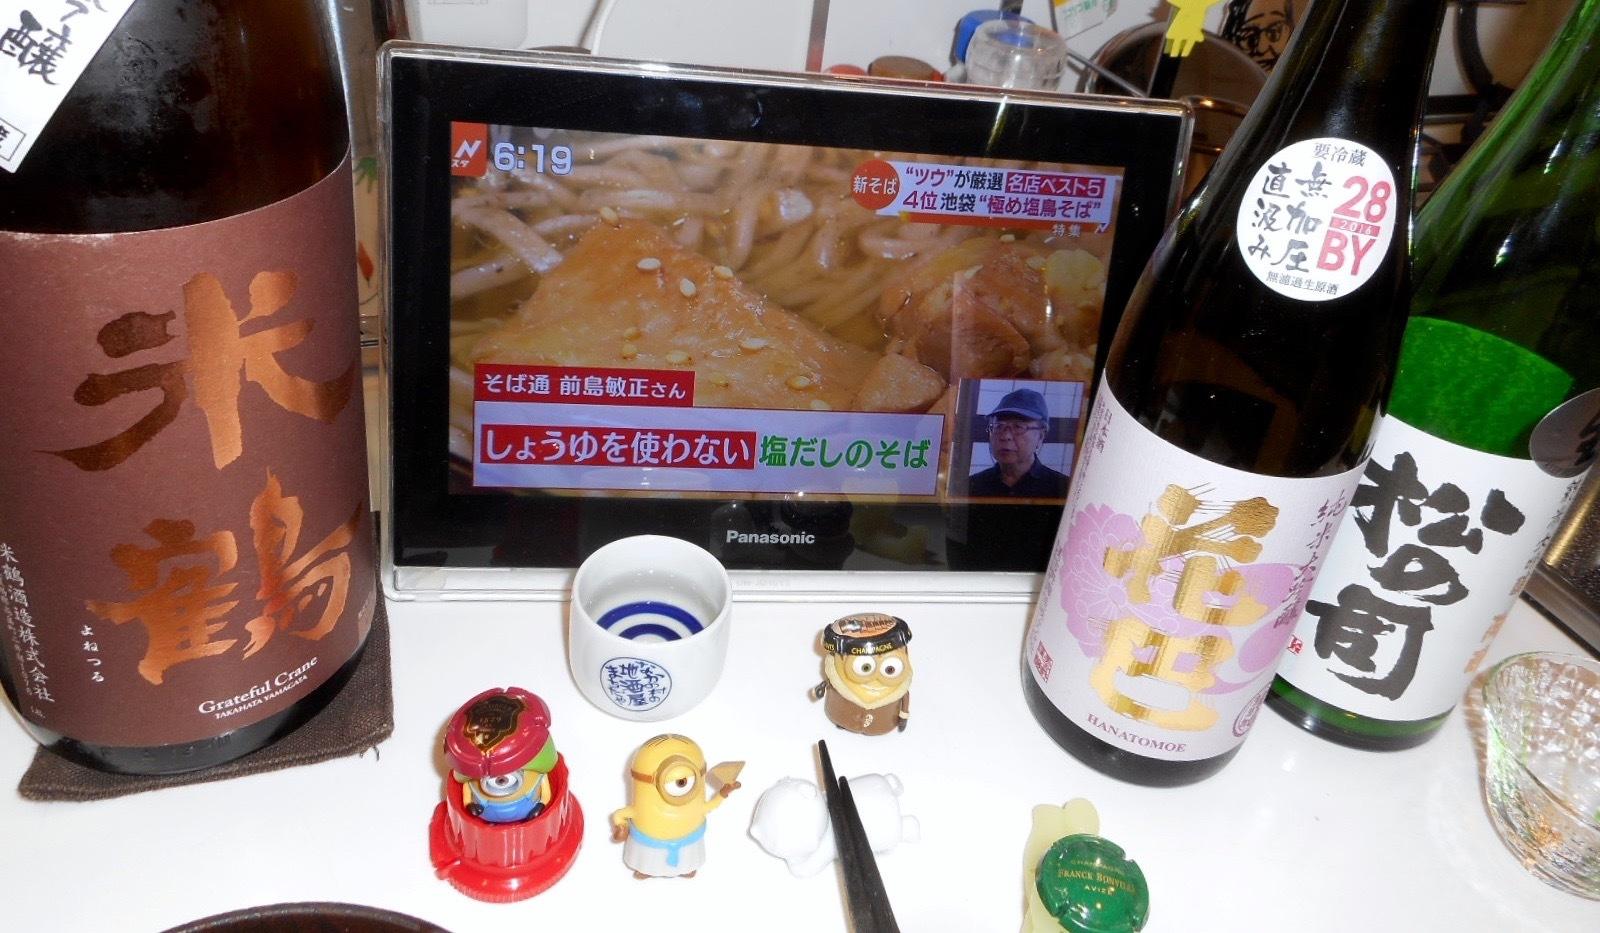 yonetsuru_yamahaijundai28by2_10.jpg